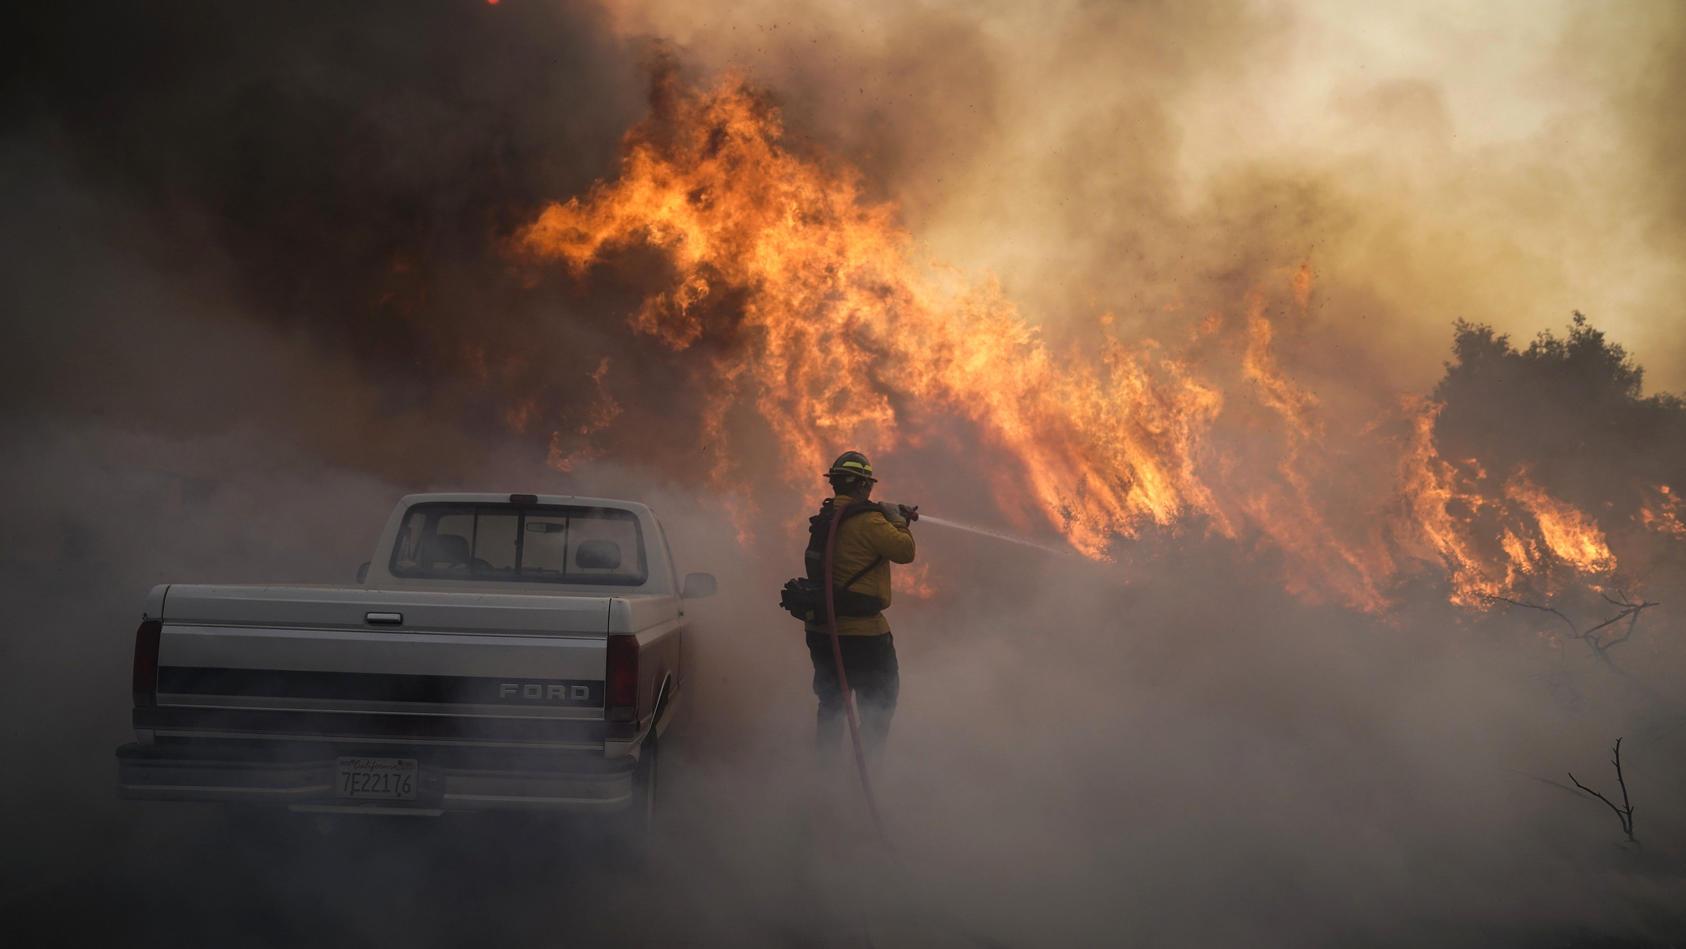 Es gibt mehr Katastrophen durch den Klimawandel und Extremwetter